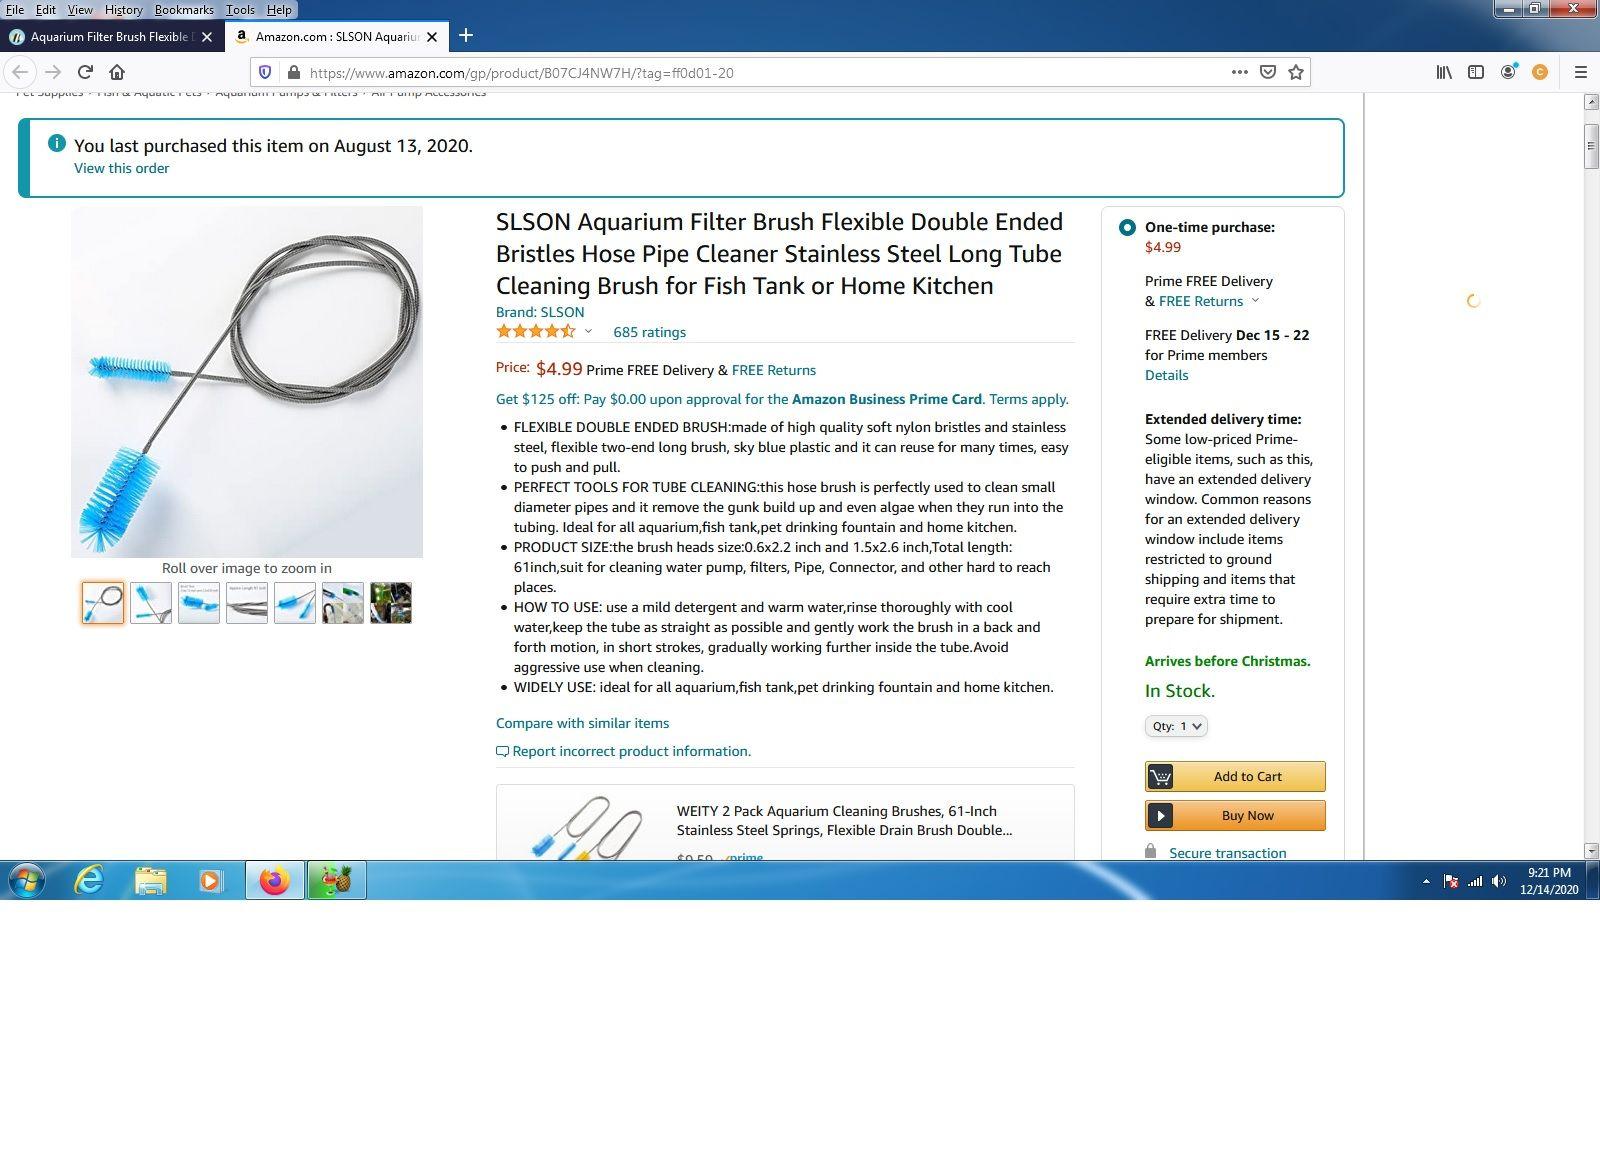 SLSON Aquarium Filter Brush Flexible Double Ended Bristles Hose Pipe Cleaner Stainless Steel L...jpg